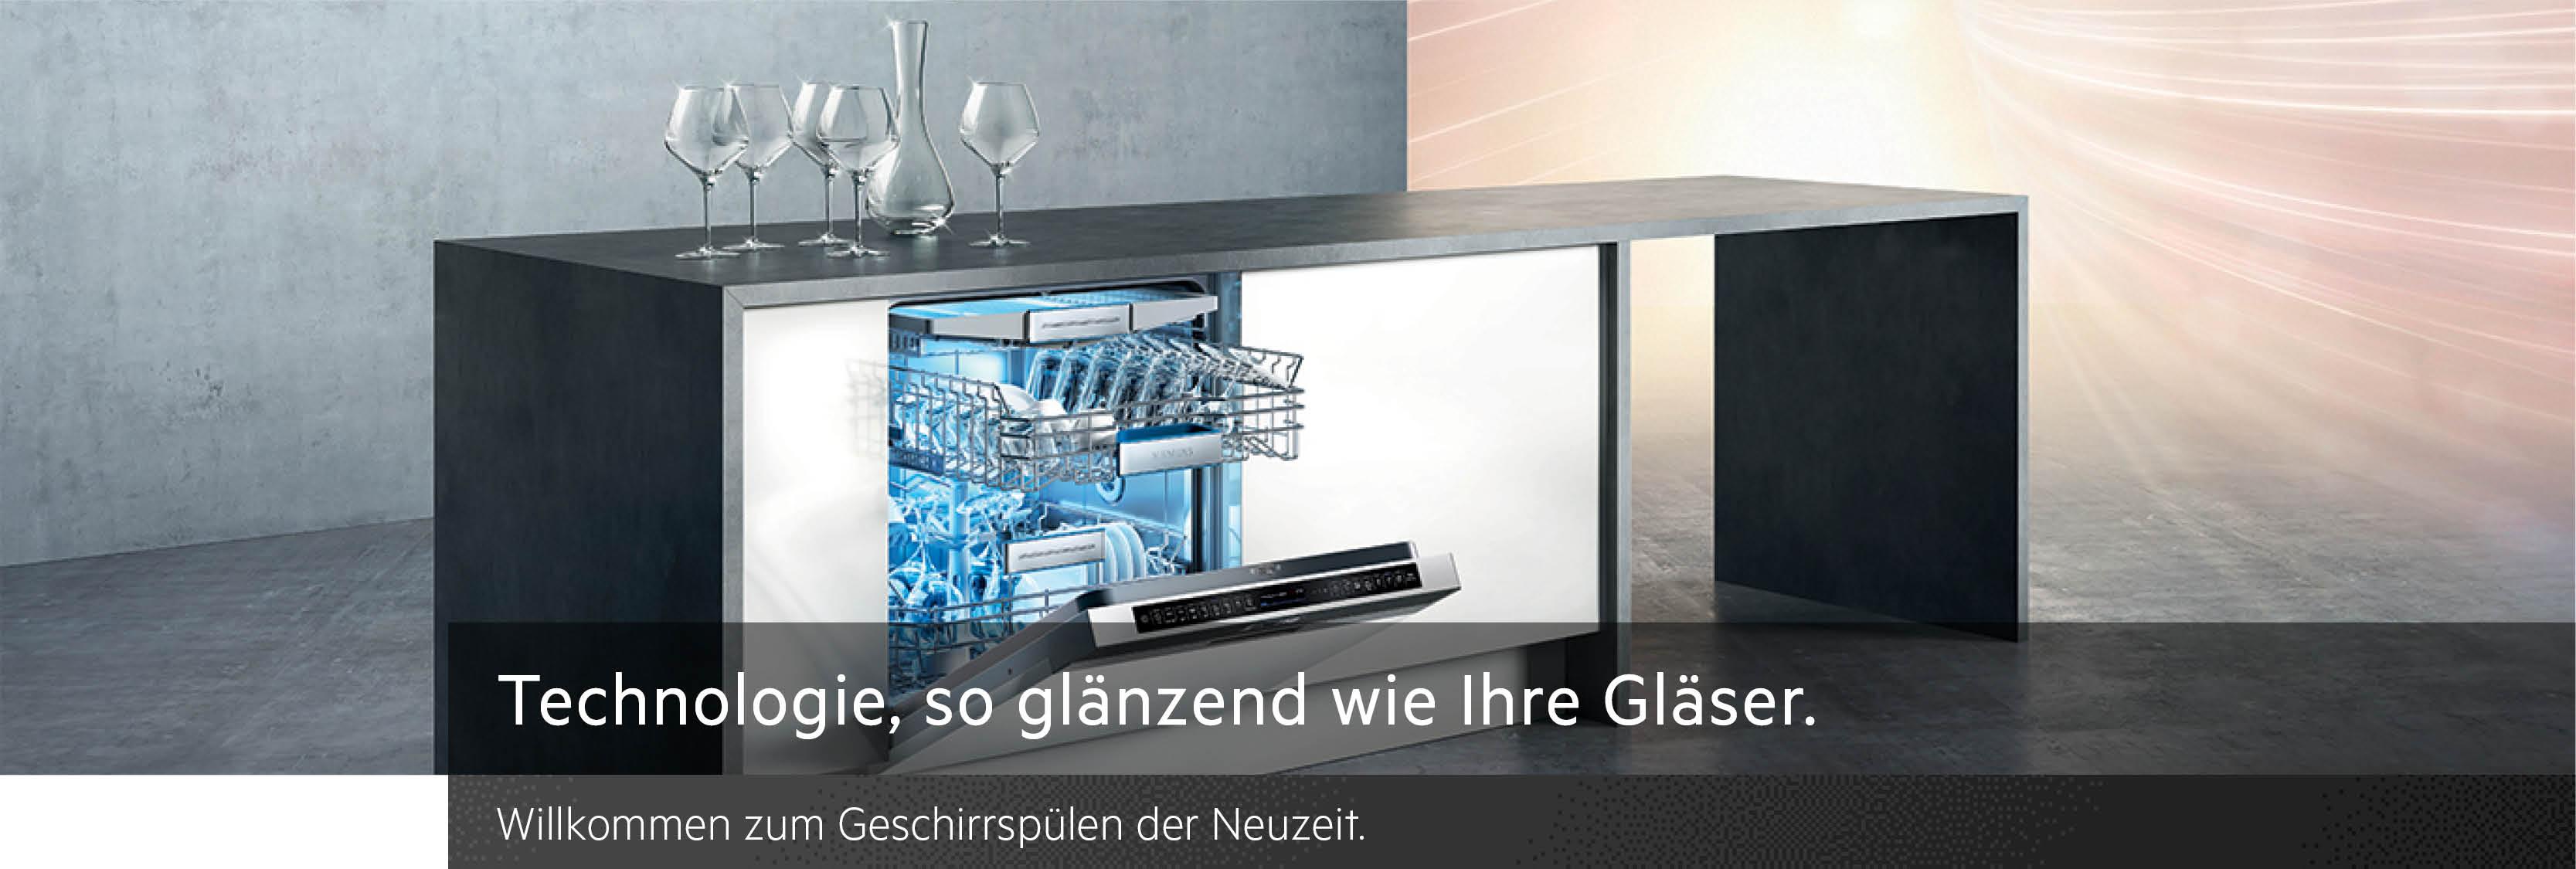 Siemens brilliantShine System